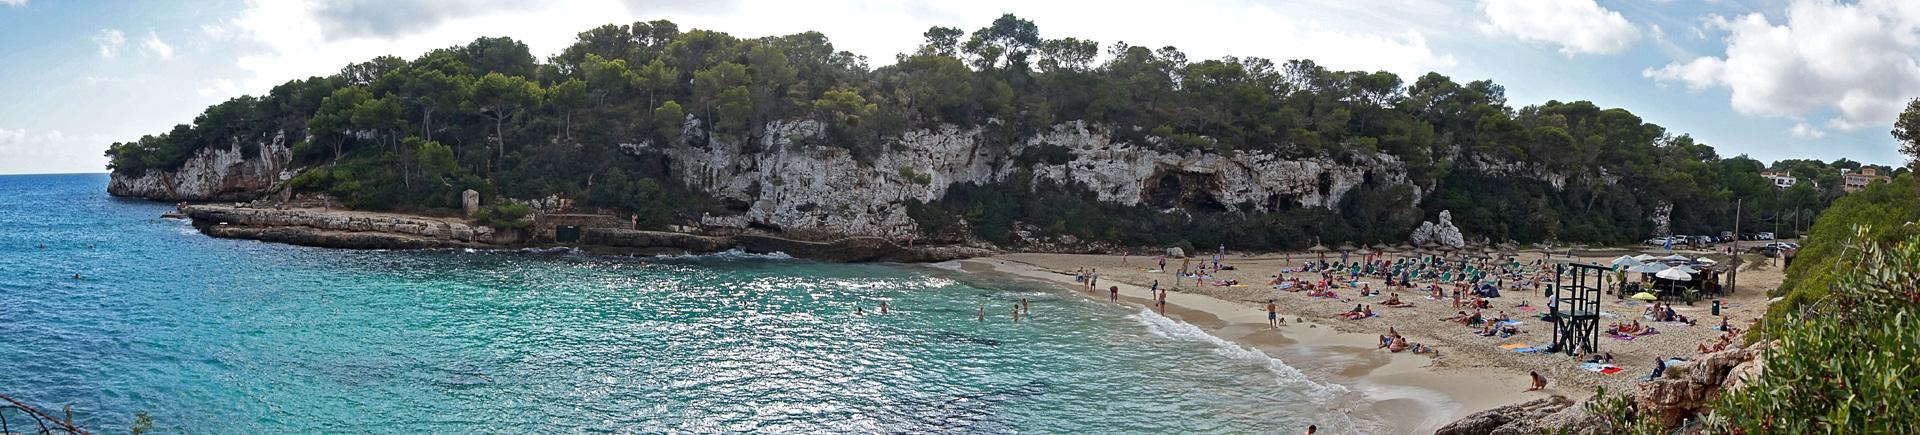 Panoramablick über die Cala Lombards im Süden von Mallorca